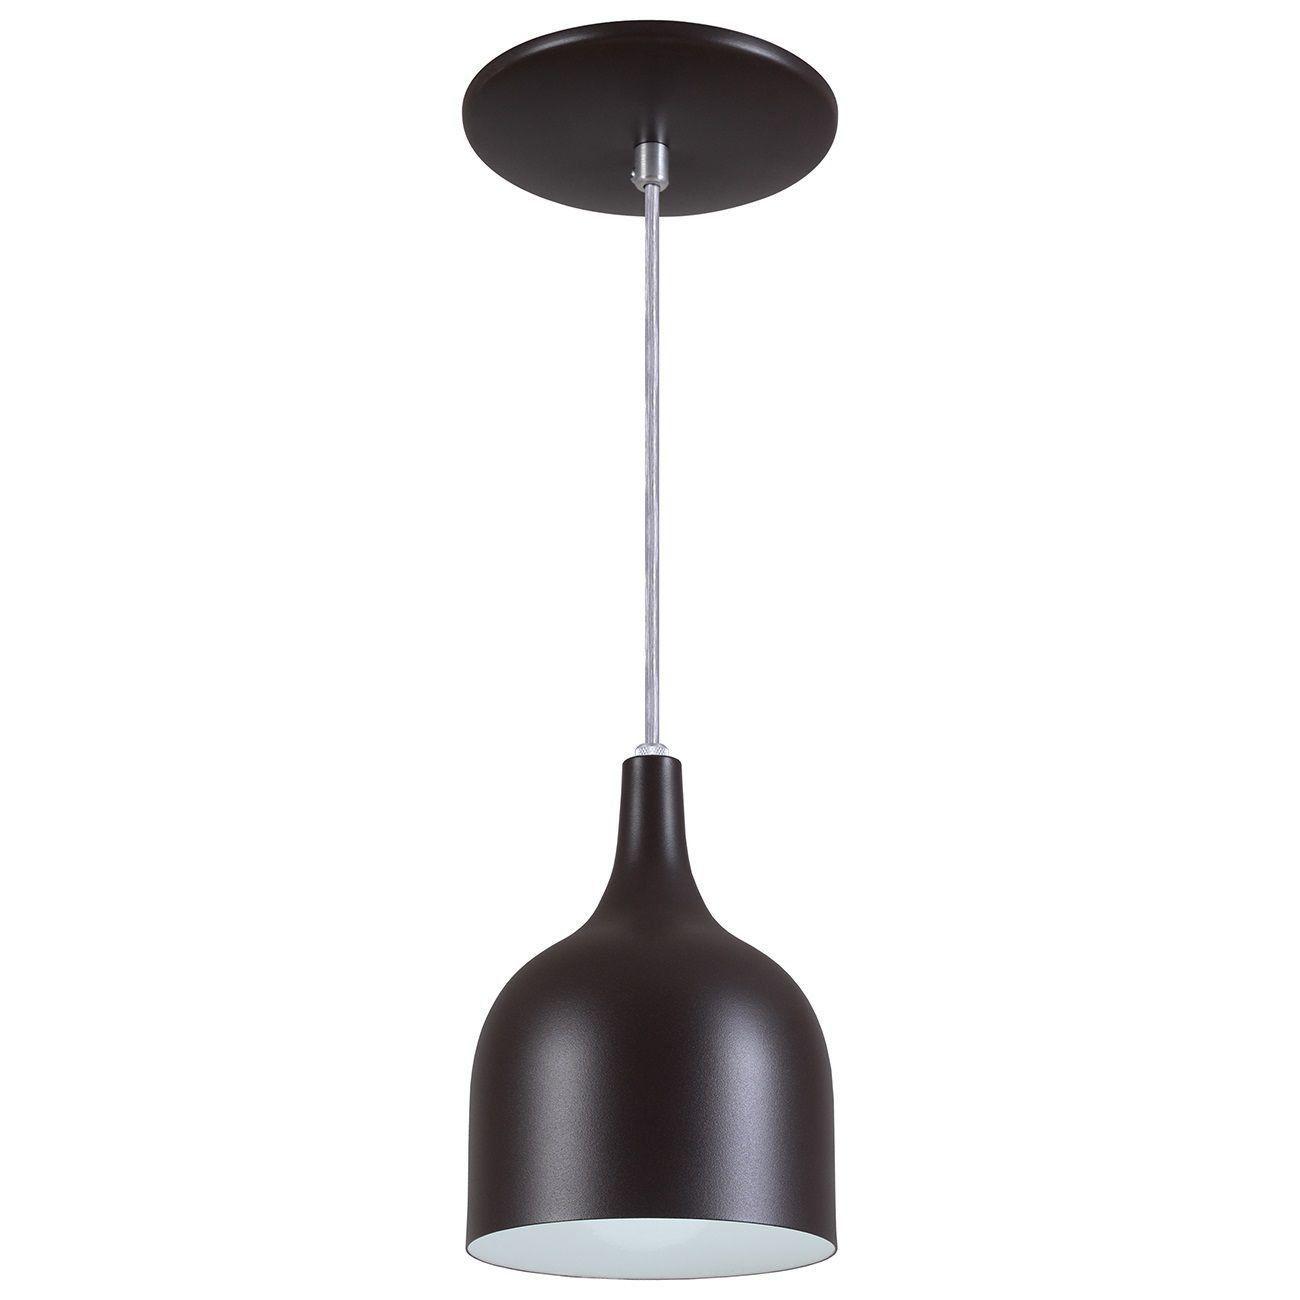 Pendente Gota Teat Luminária Lustre Alumínio Marrom Tabaco Textura - Rei Da Iluminação